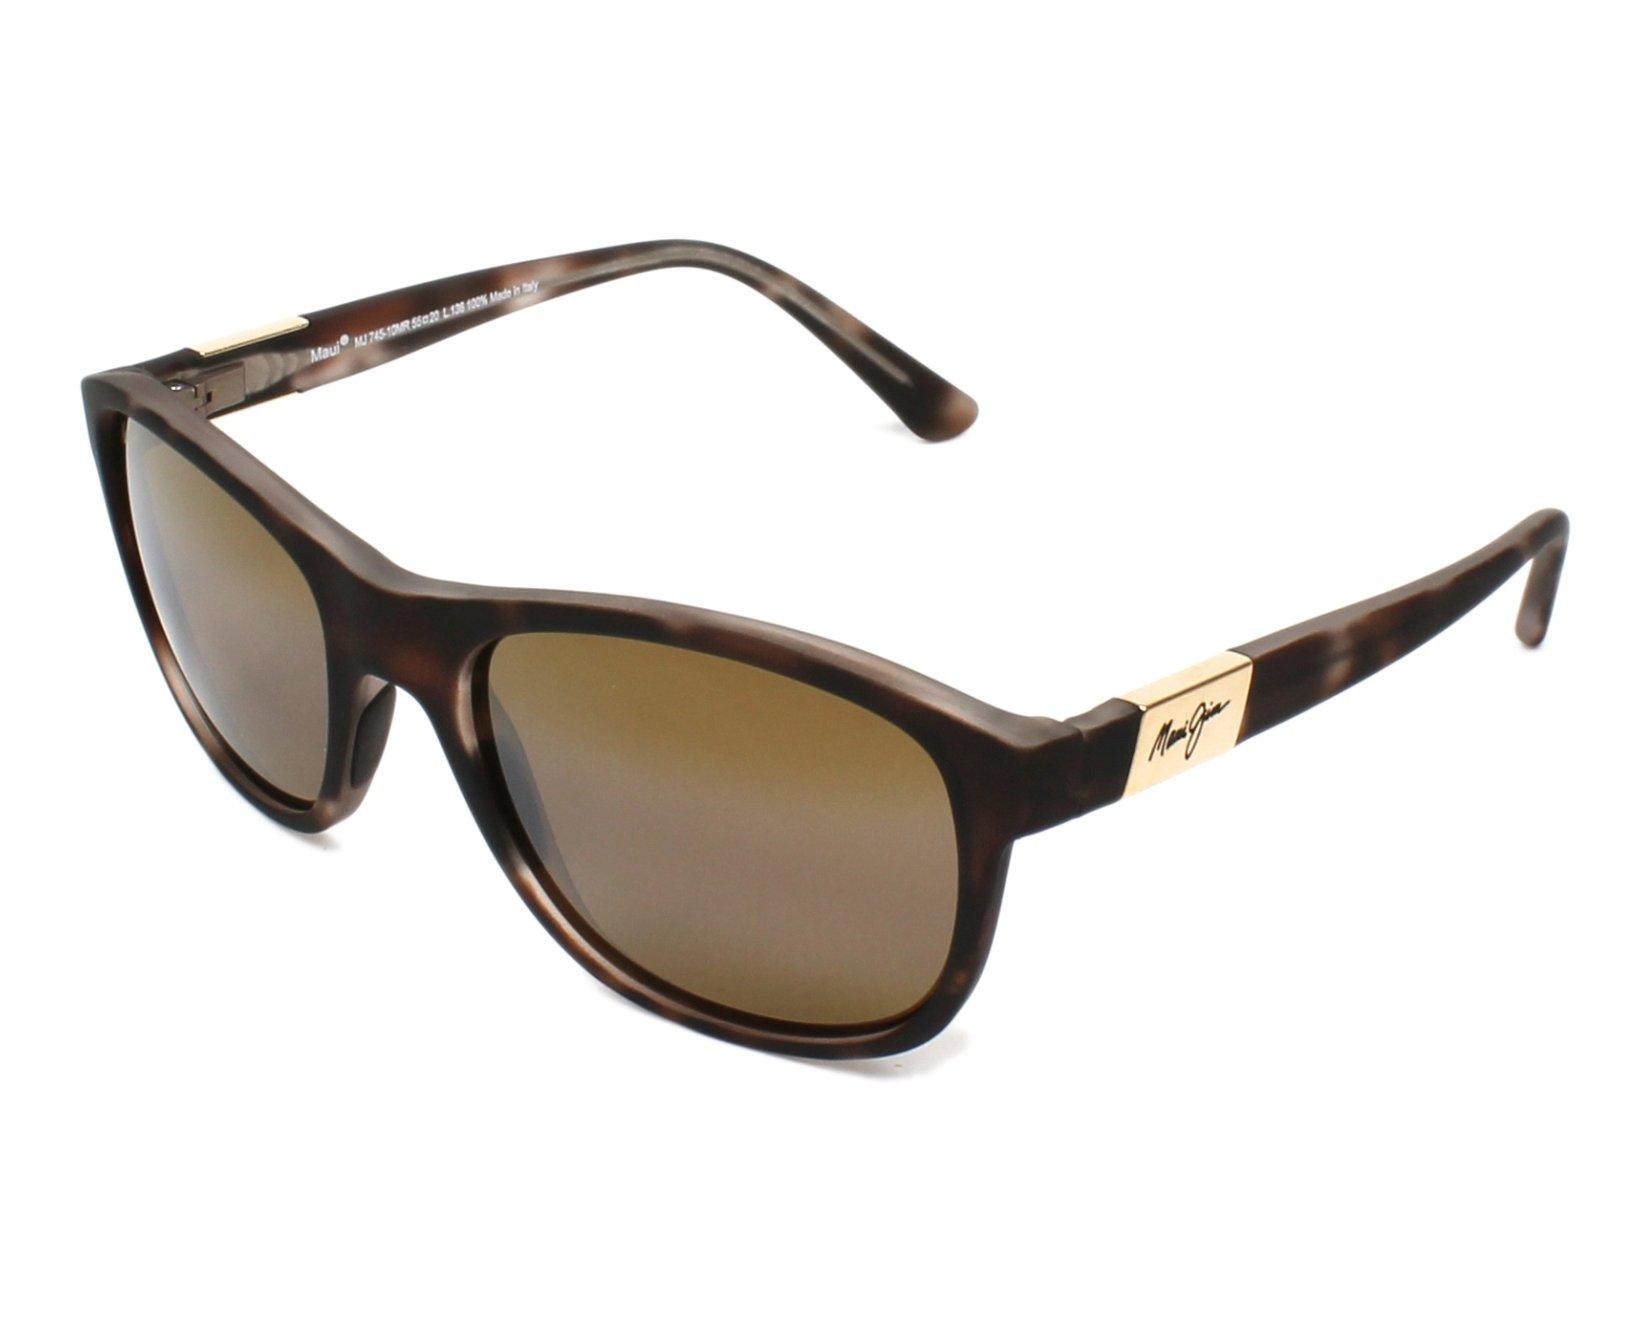 c9efe9103a Gafas de sol Maui Jim H-745 10MR 55-20 Havana vista de perfil